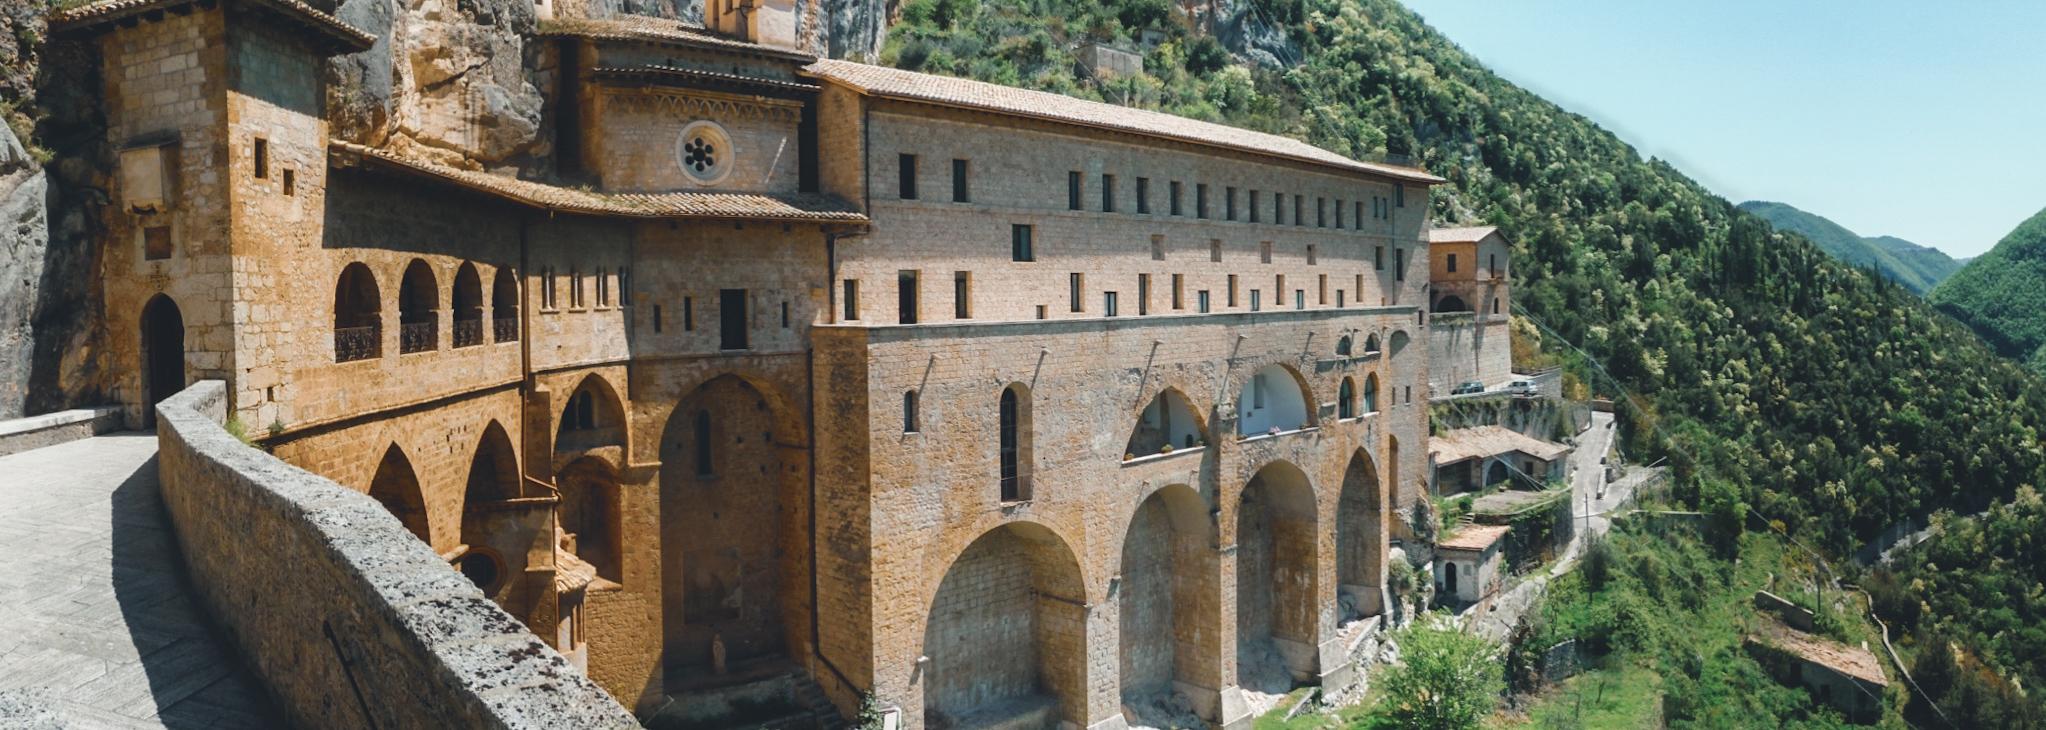 Zaštićeno: Norcia – Subiaco – Monte Cassino – Loreto